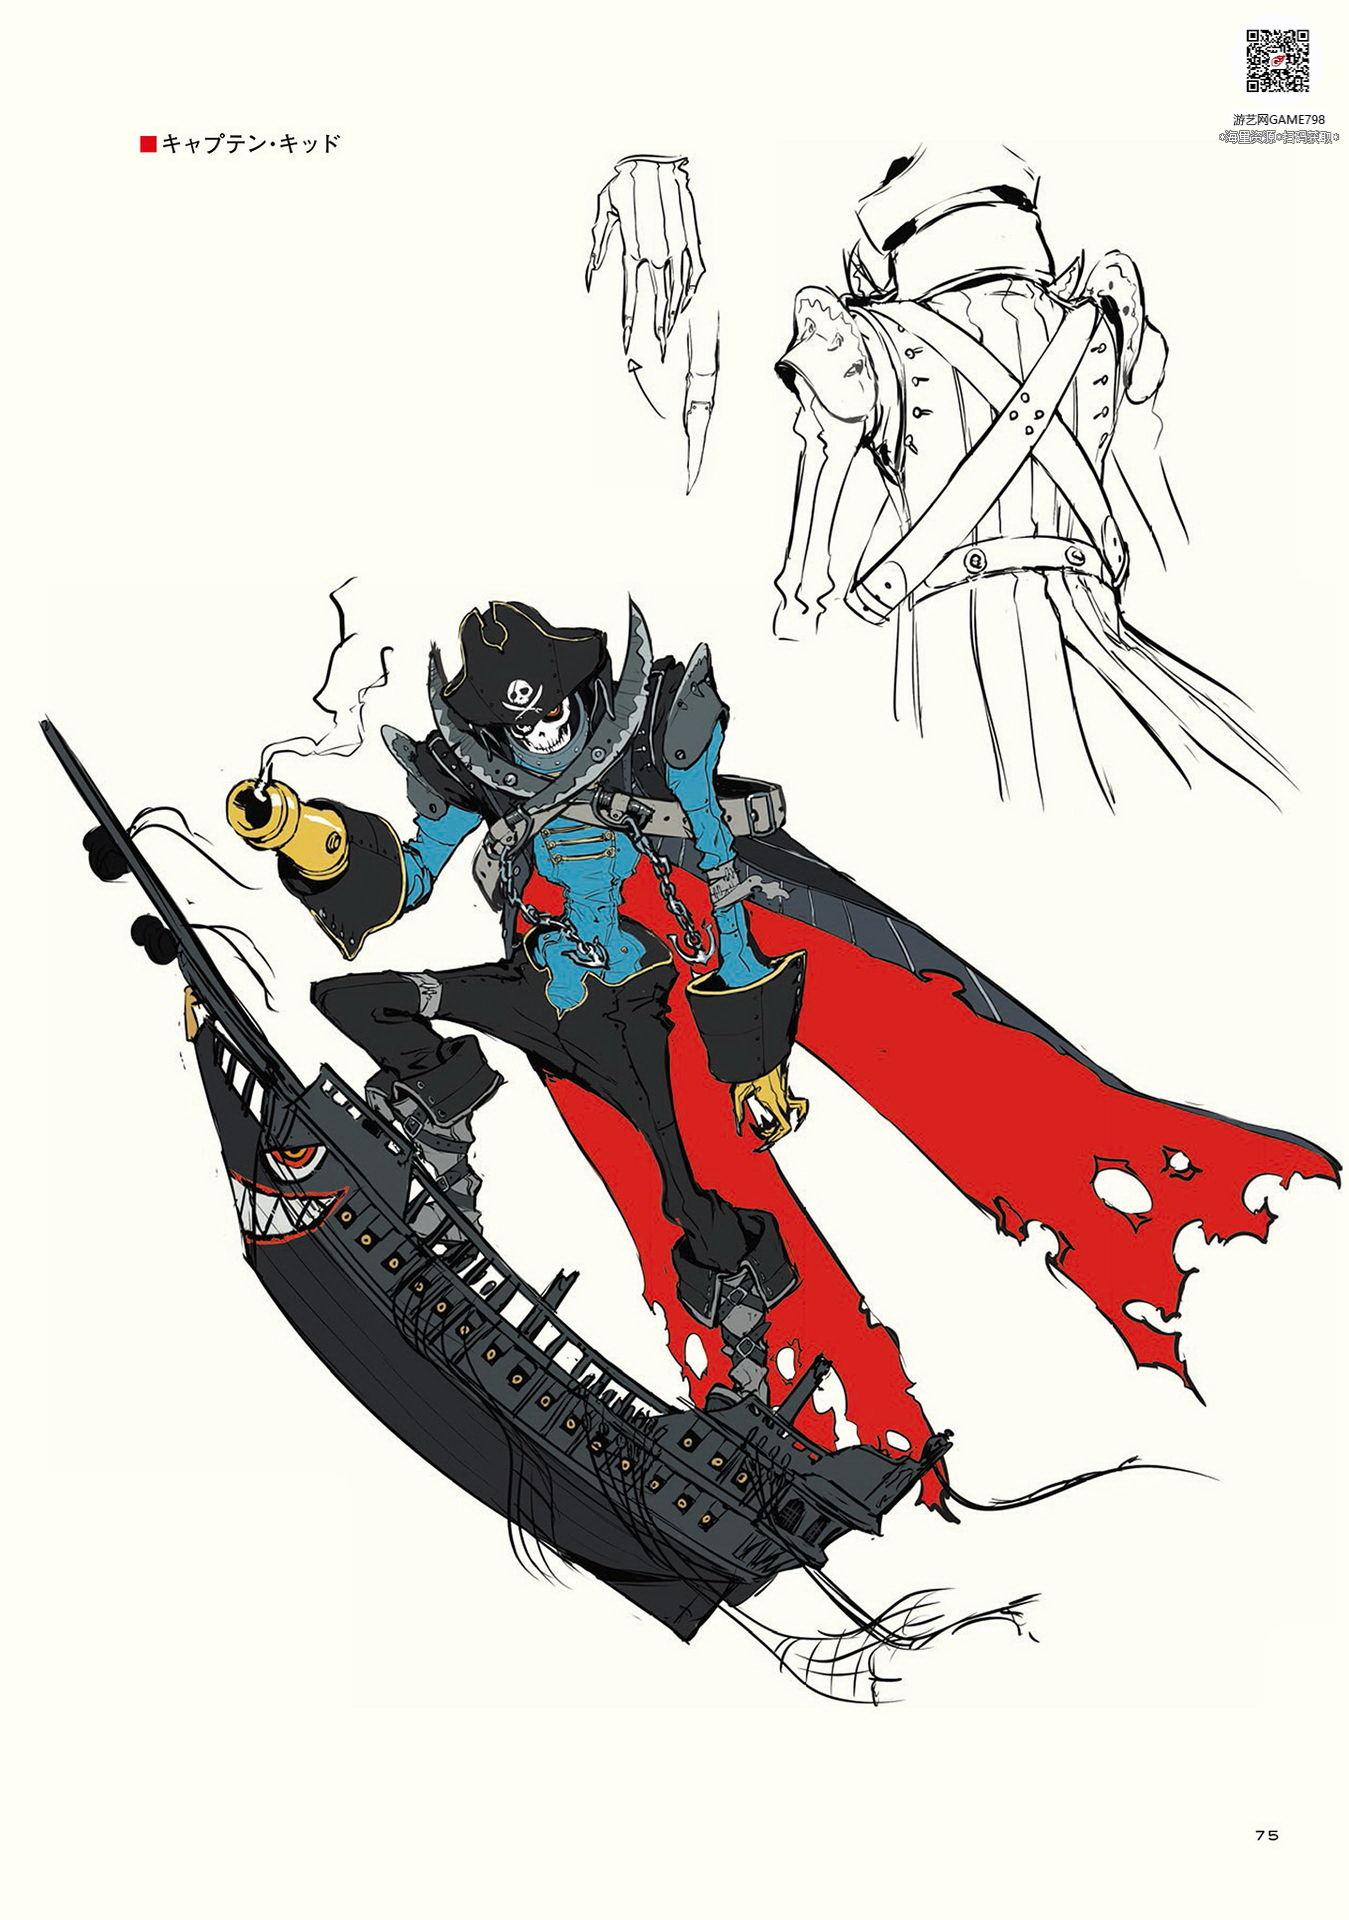 039_关注游艺网公众号获海量资源_日式游戏风格设定女神异闻录5二次元角色设定.jpeg